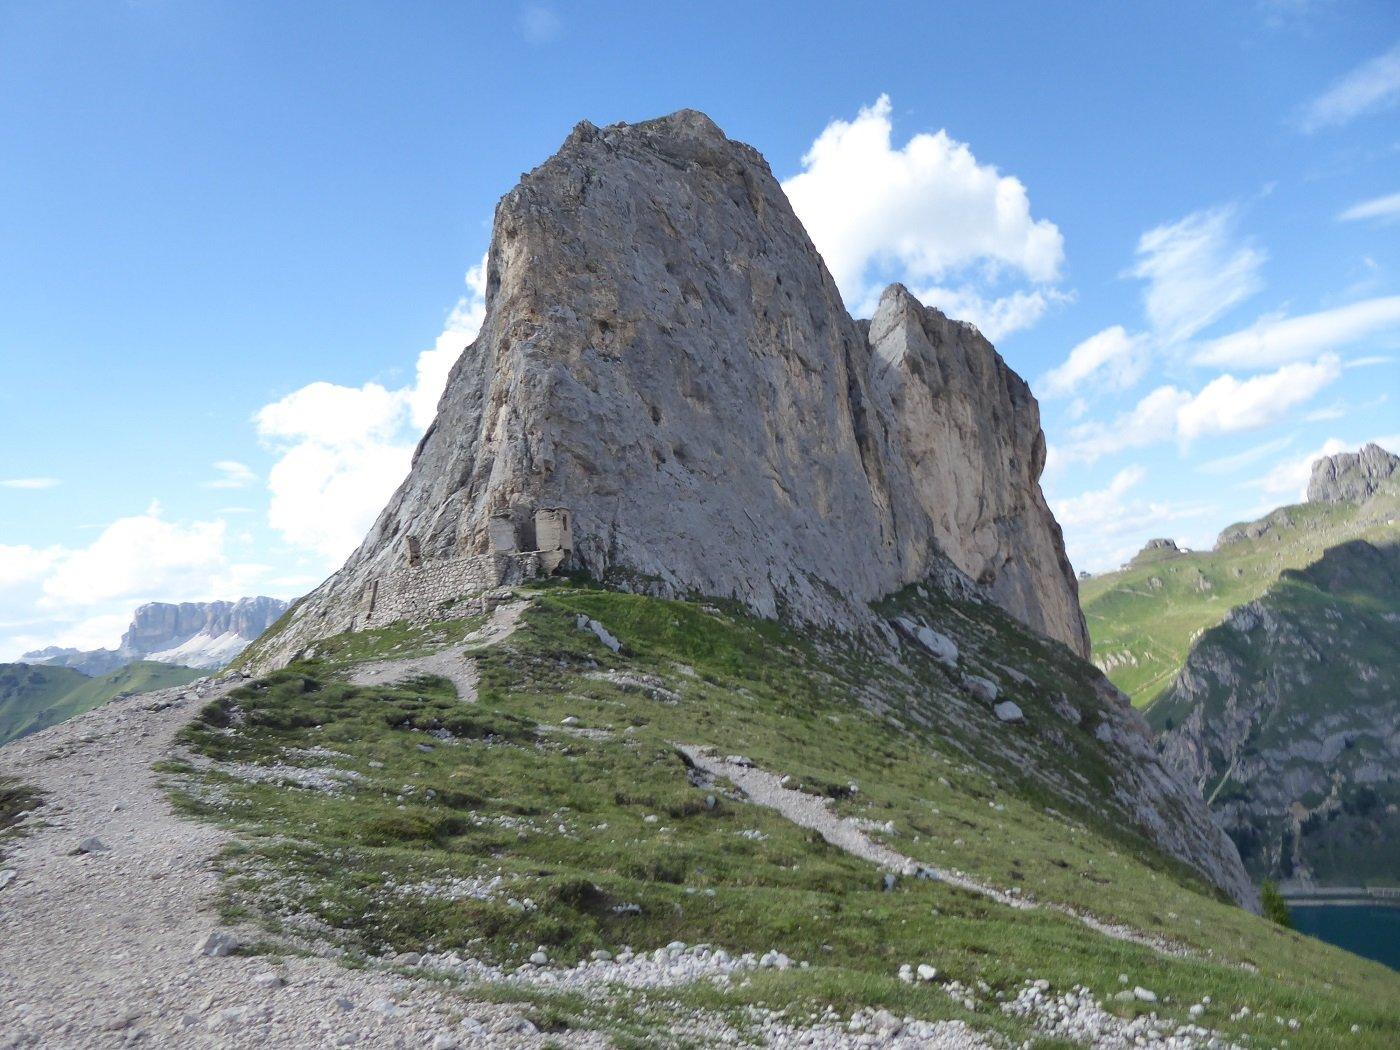 Sul sentiero che da Fedaia sale a Pian dei Fiacconi.